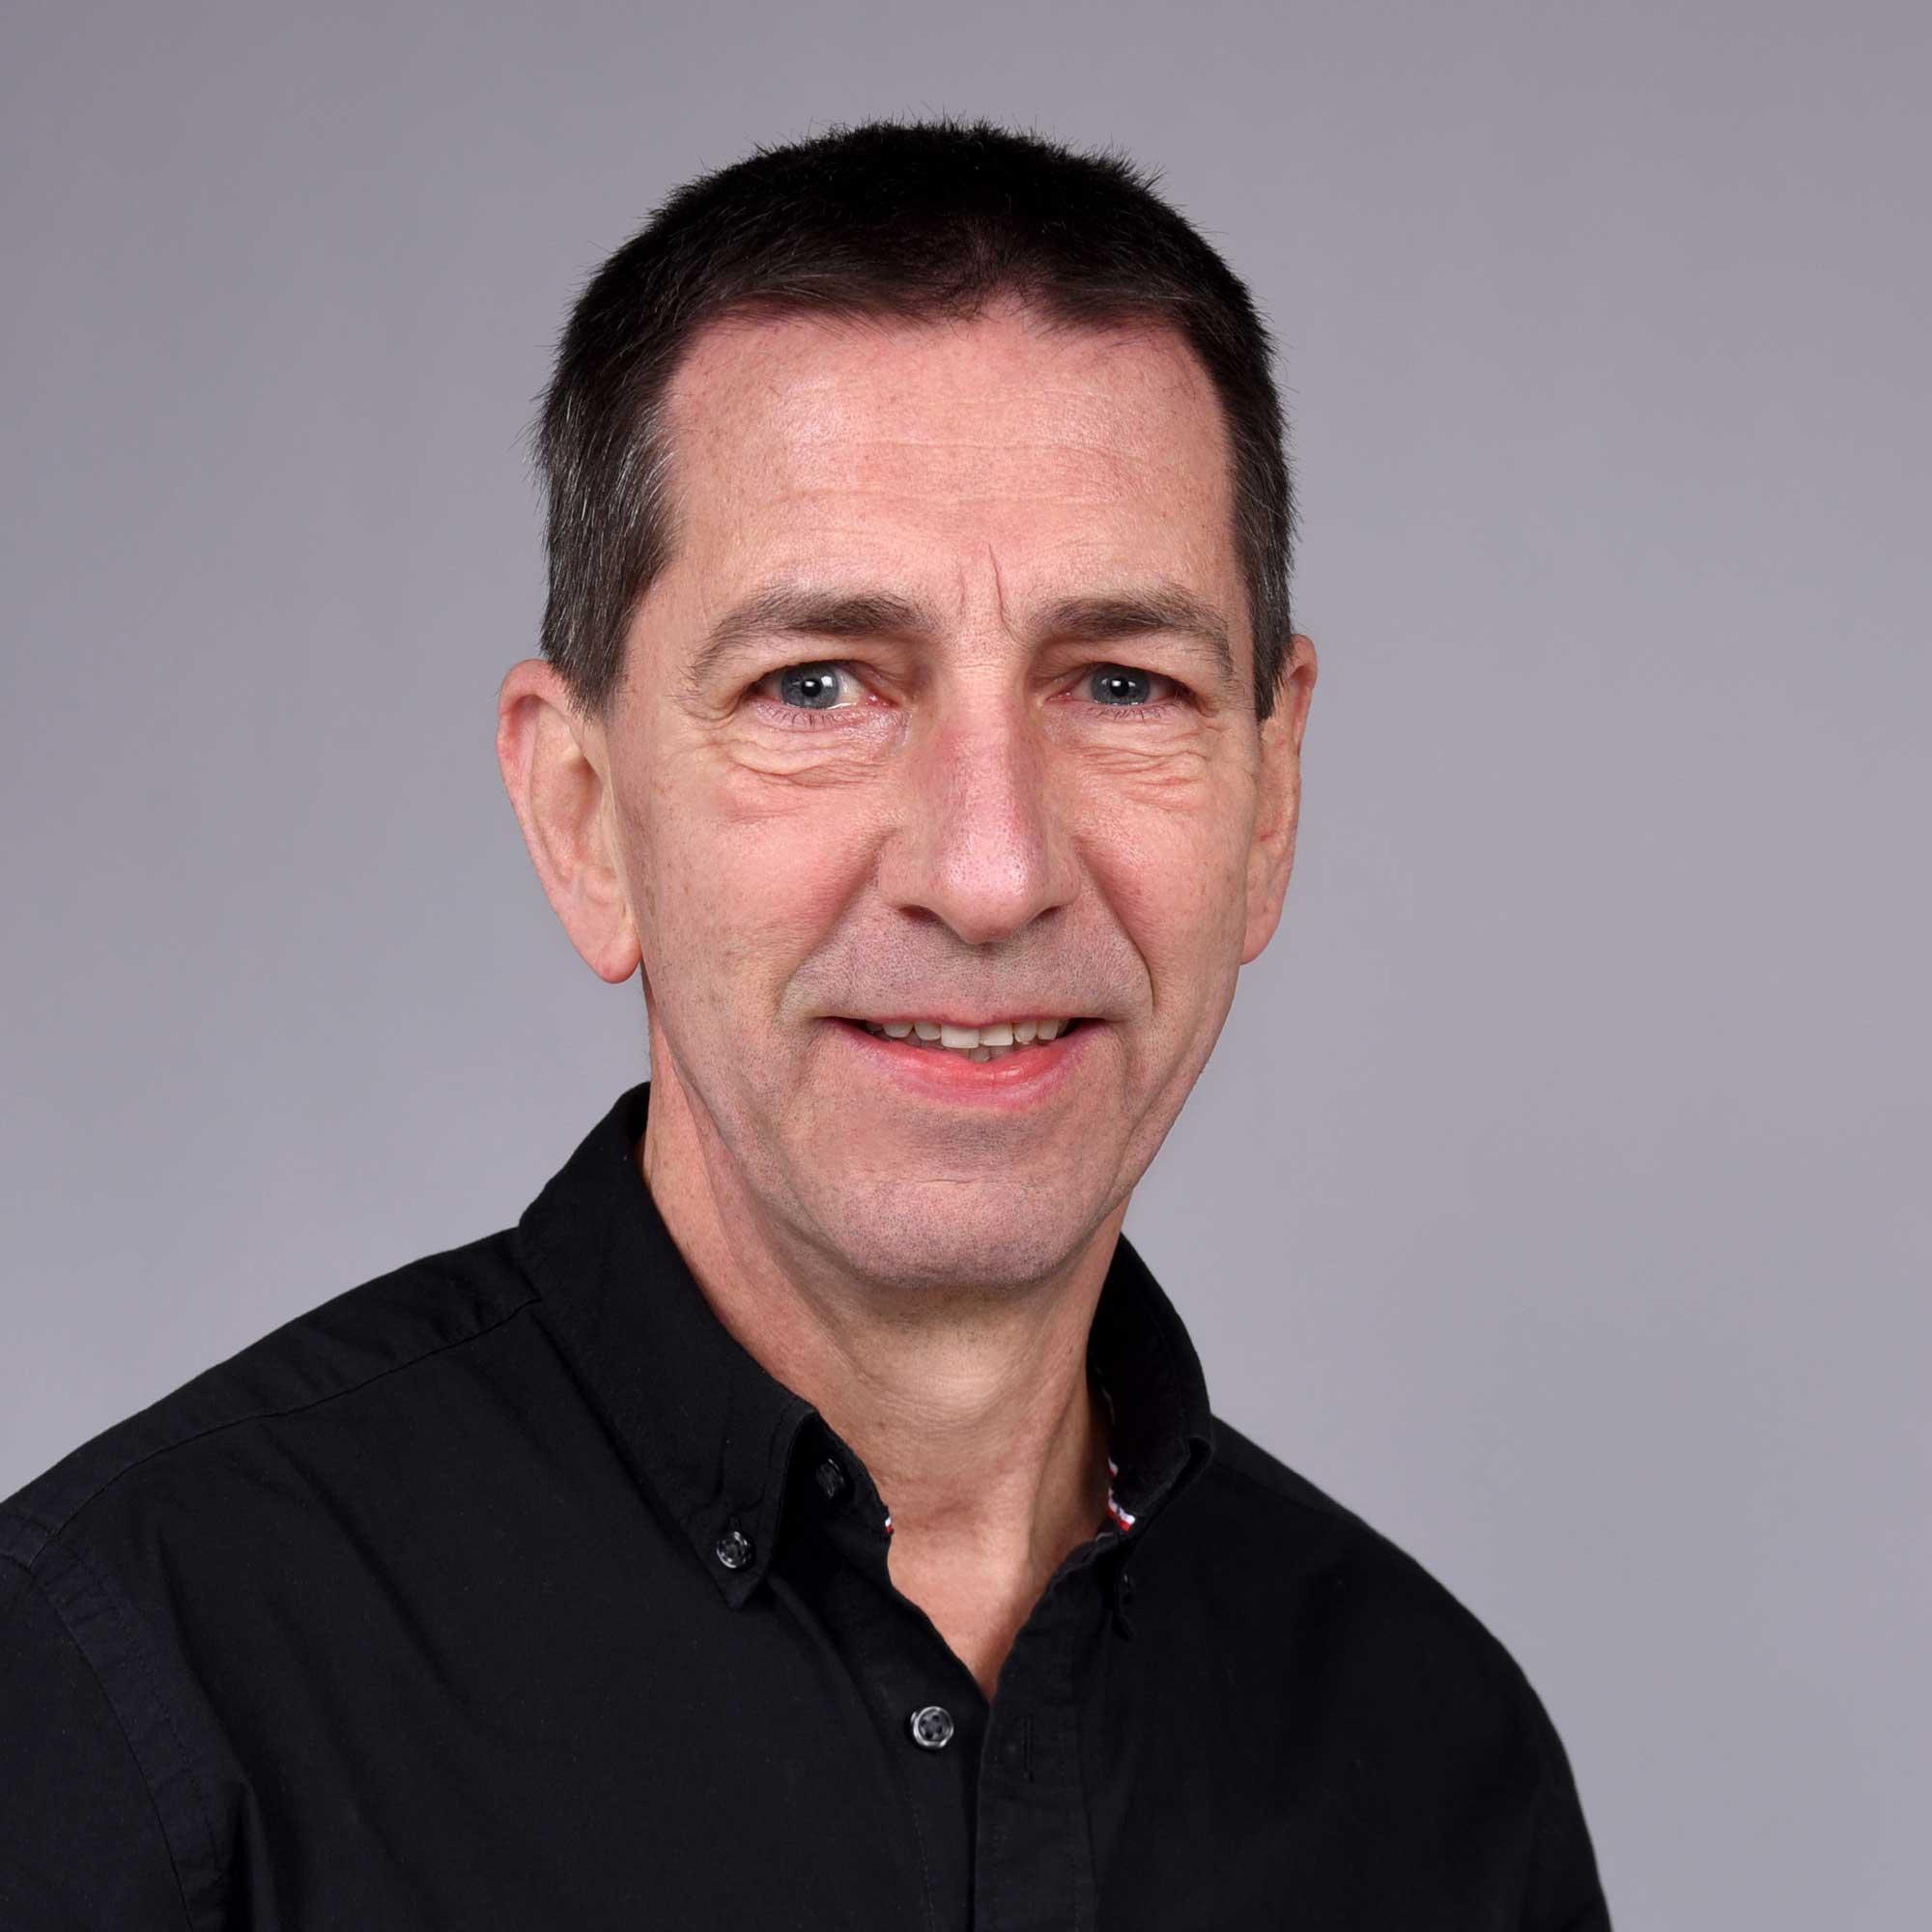 Prof. Dr. med. Justus Gerhard Garweg